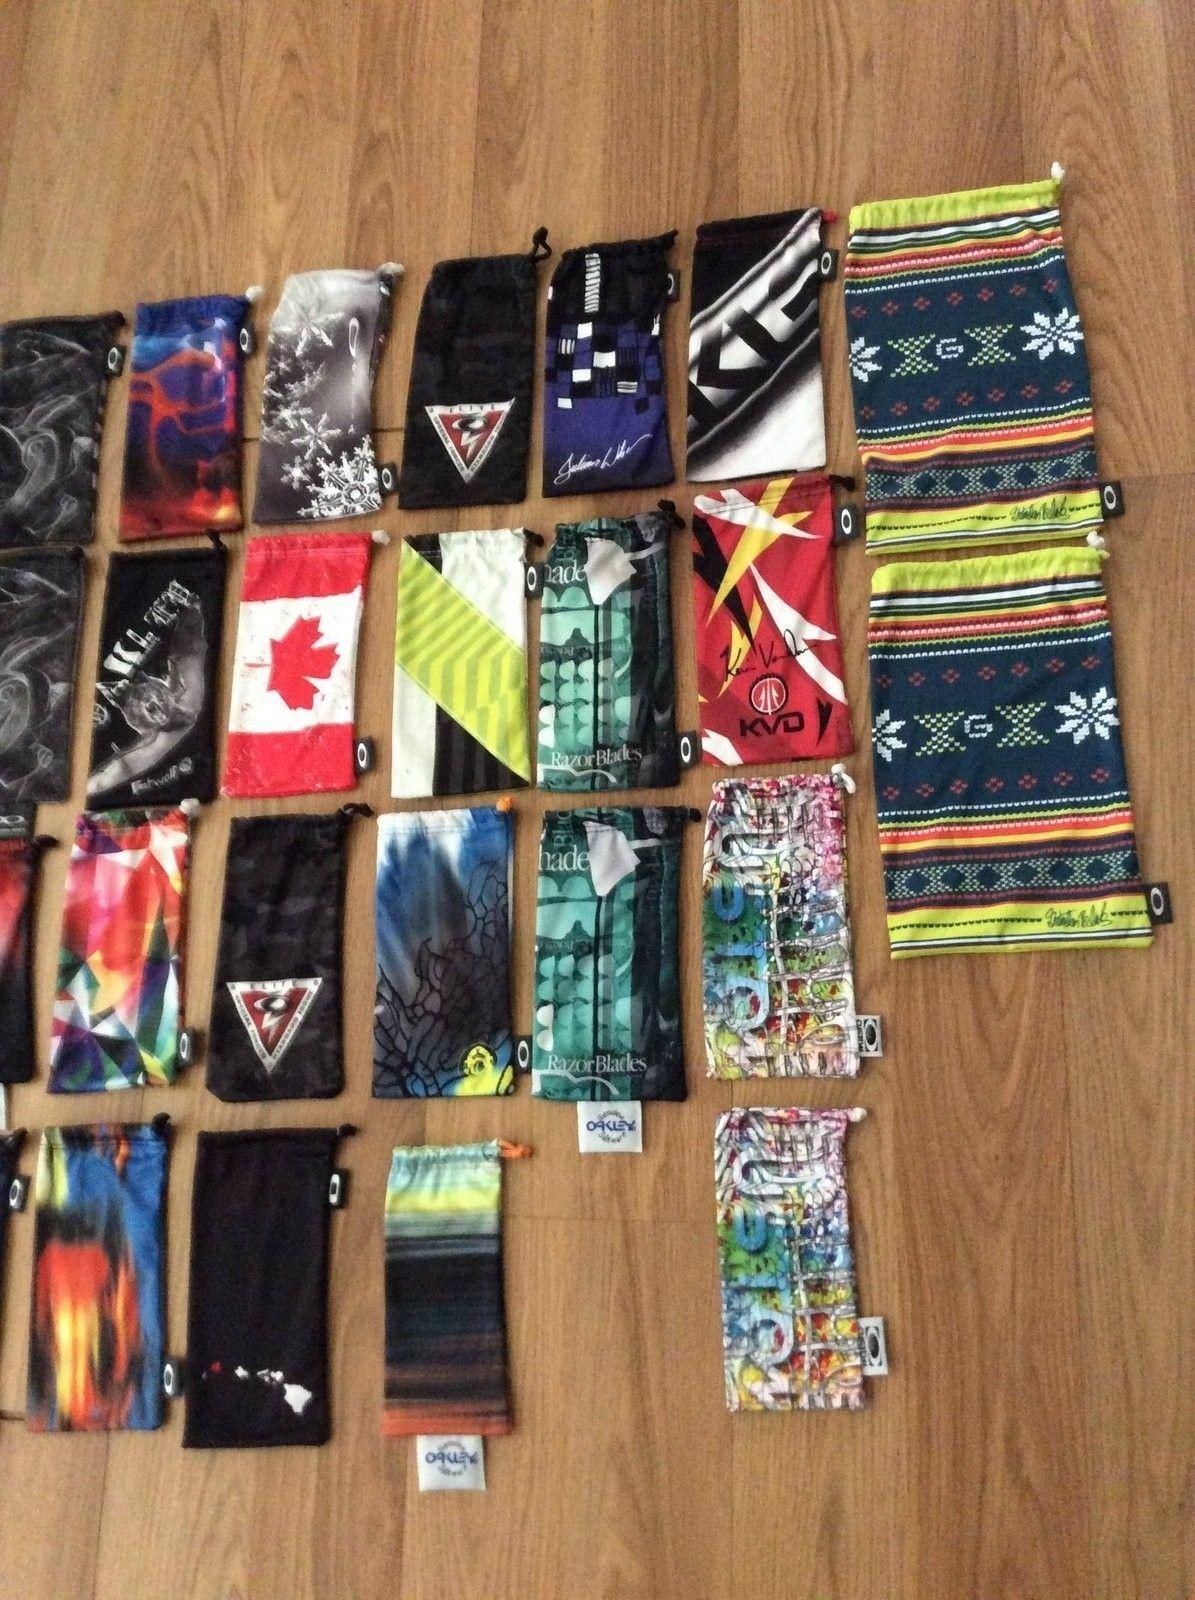 Micro Bag Bundle 2 $250 shipped - image.jpg